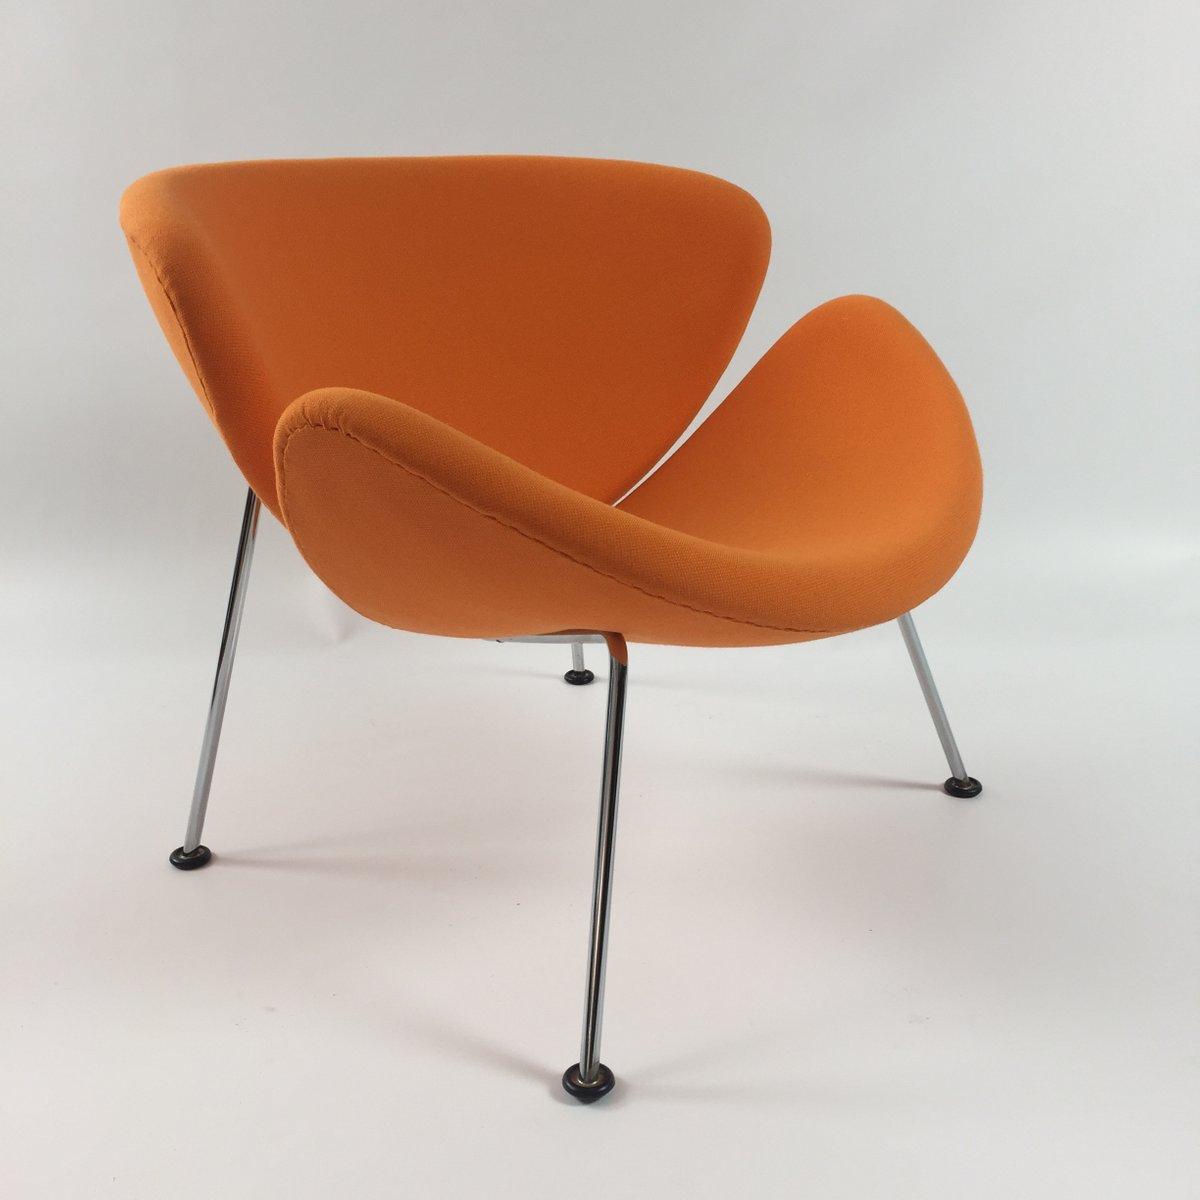 vintage orange slice lounge stuhl von pierre paulin f r artifort bei pamono kaufen. Black Bedroom Furniture Sets. Home Design Ideas